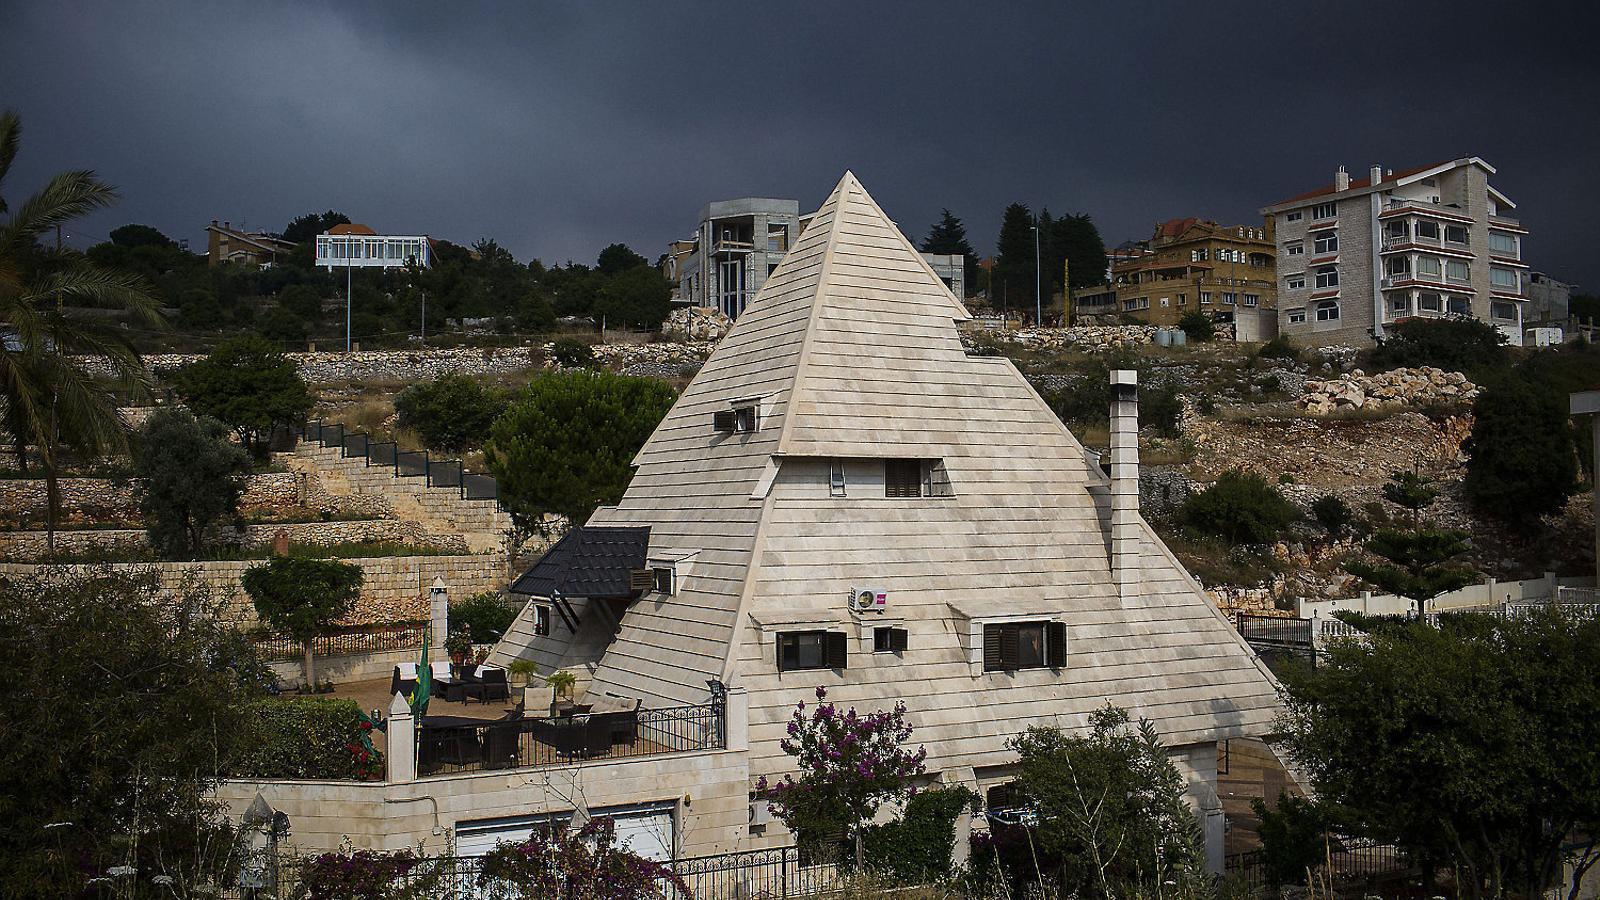 La casa amb forma de piràmide egípcia que s'hi ha fet construir Raymond Chaghoury